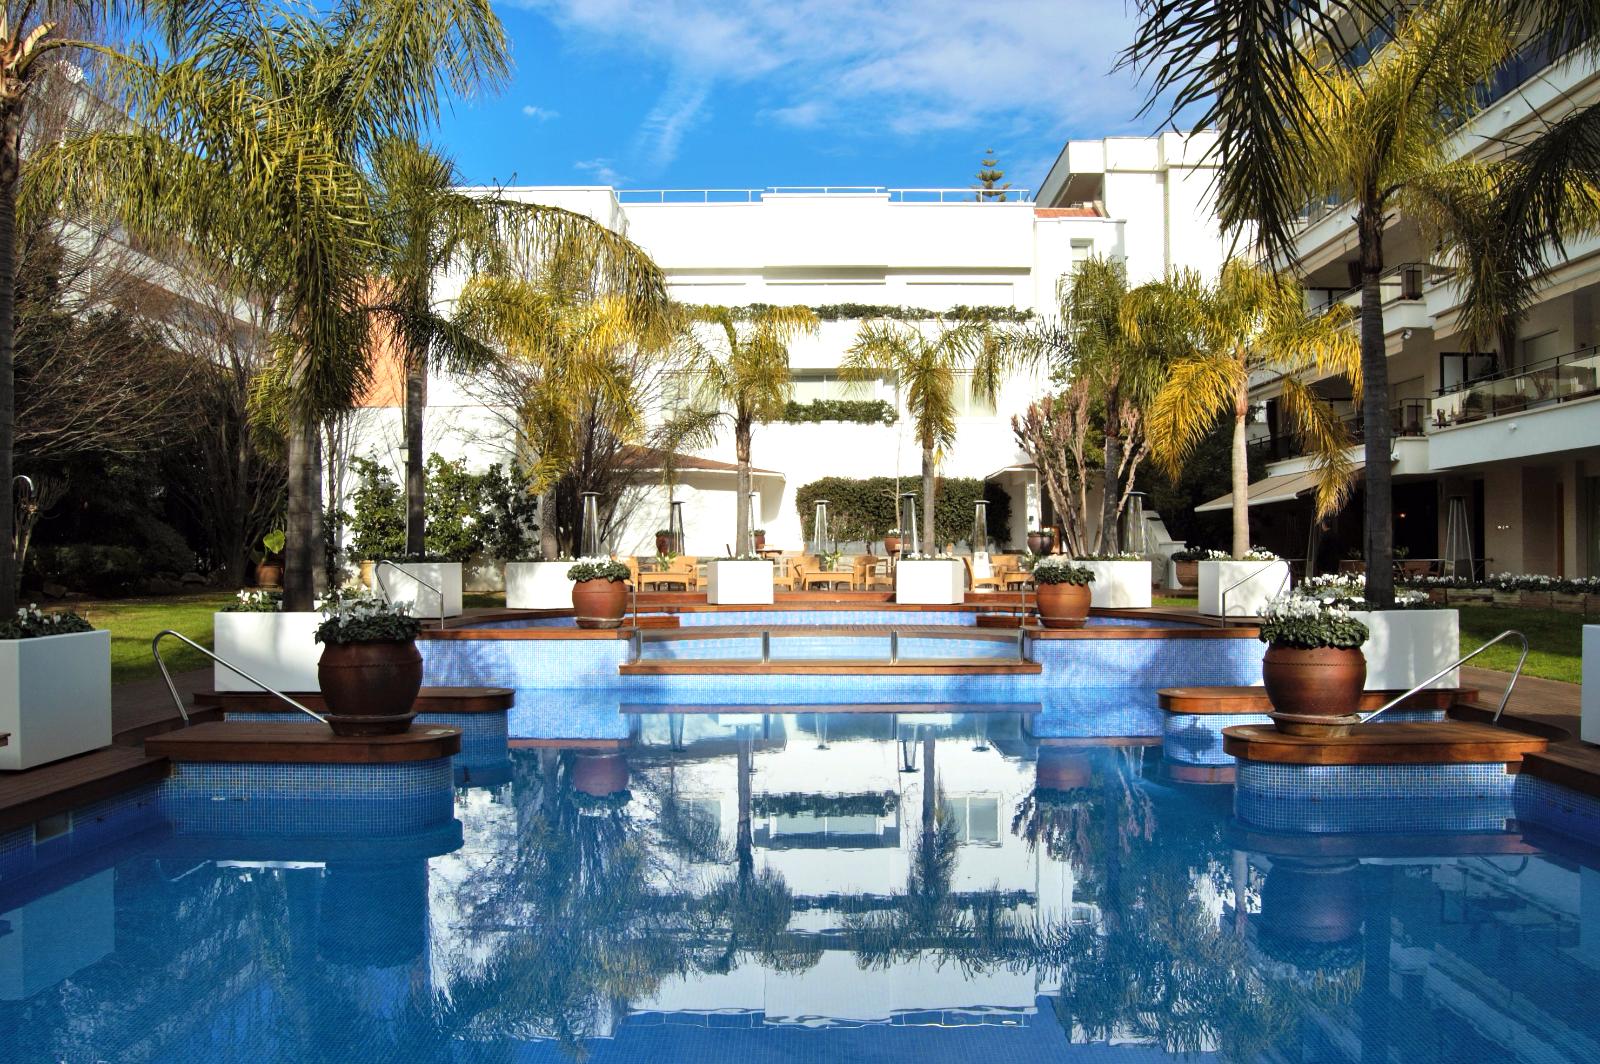 Апартаменты 5 звезд1.900 евро/недАпартаменты в 5-и звездочном отеле, 2 спальни, 6 спальных мест, терраса с видом на море. Первая линия, пляж Fenals, Lloret de Mar